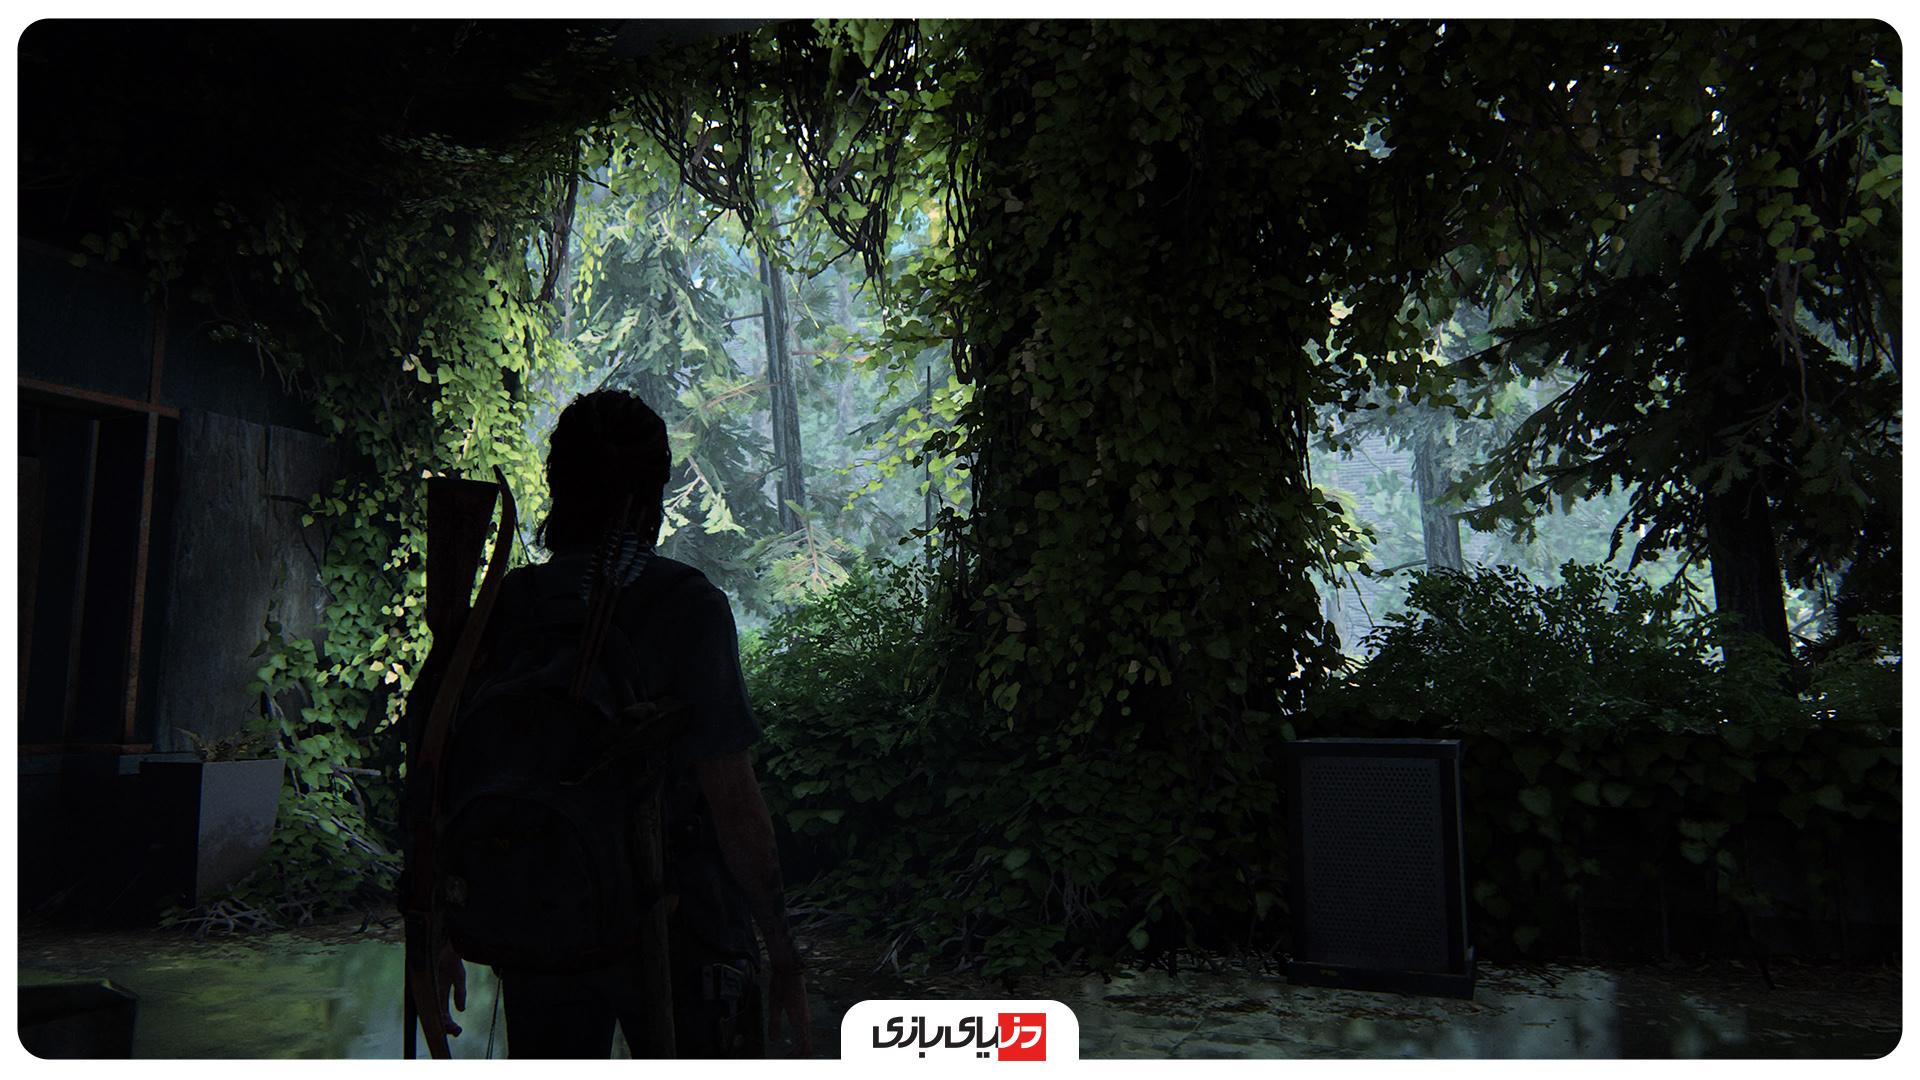 دانلود بازی the last of us 2 برای pc